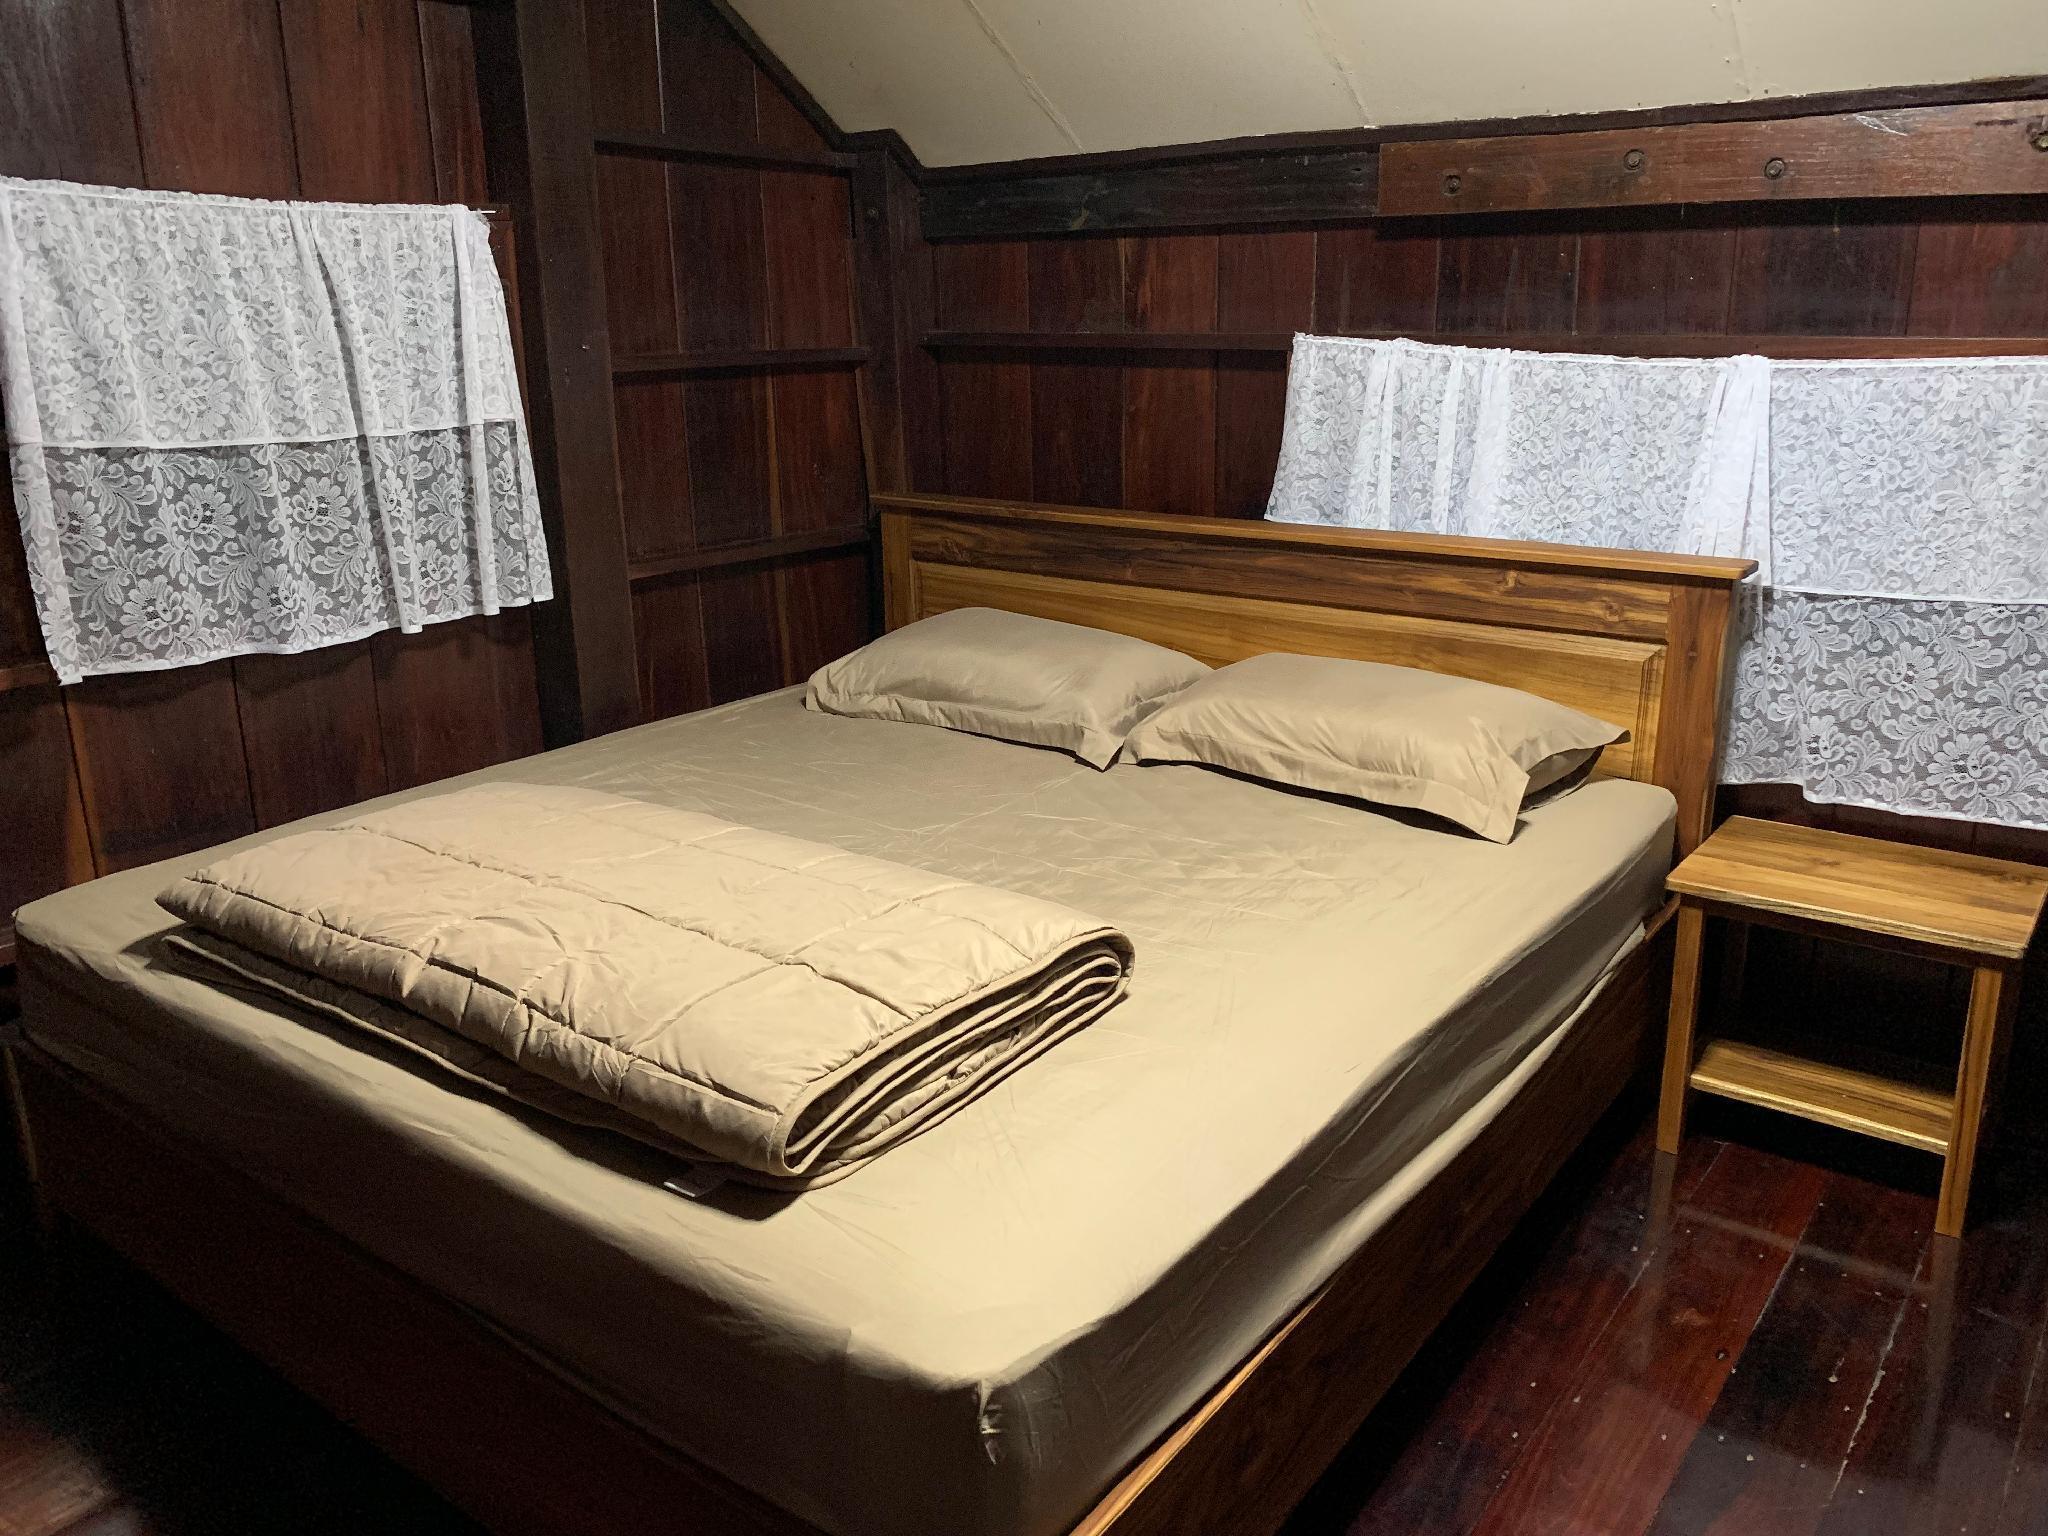 Sukcholnabuth วิลลา 2 ห้องนอน 3 ห้องน้ำส่วนตัว ขนาด 100 ตร.ม. – ทองผาภูมิ